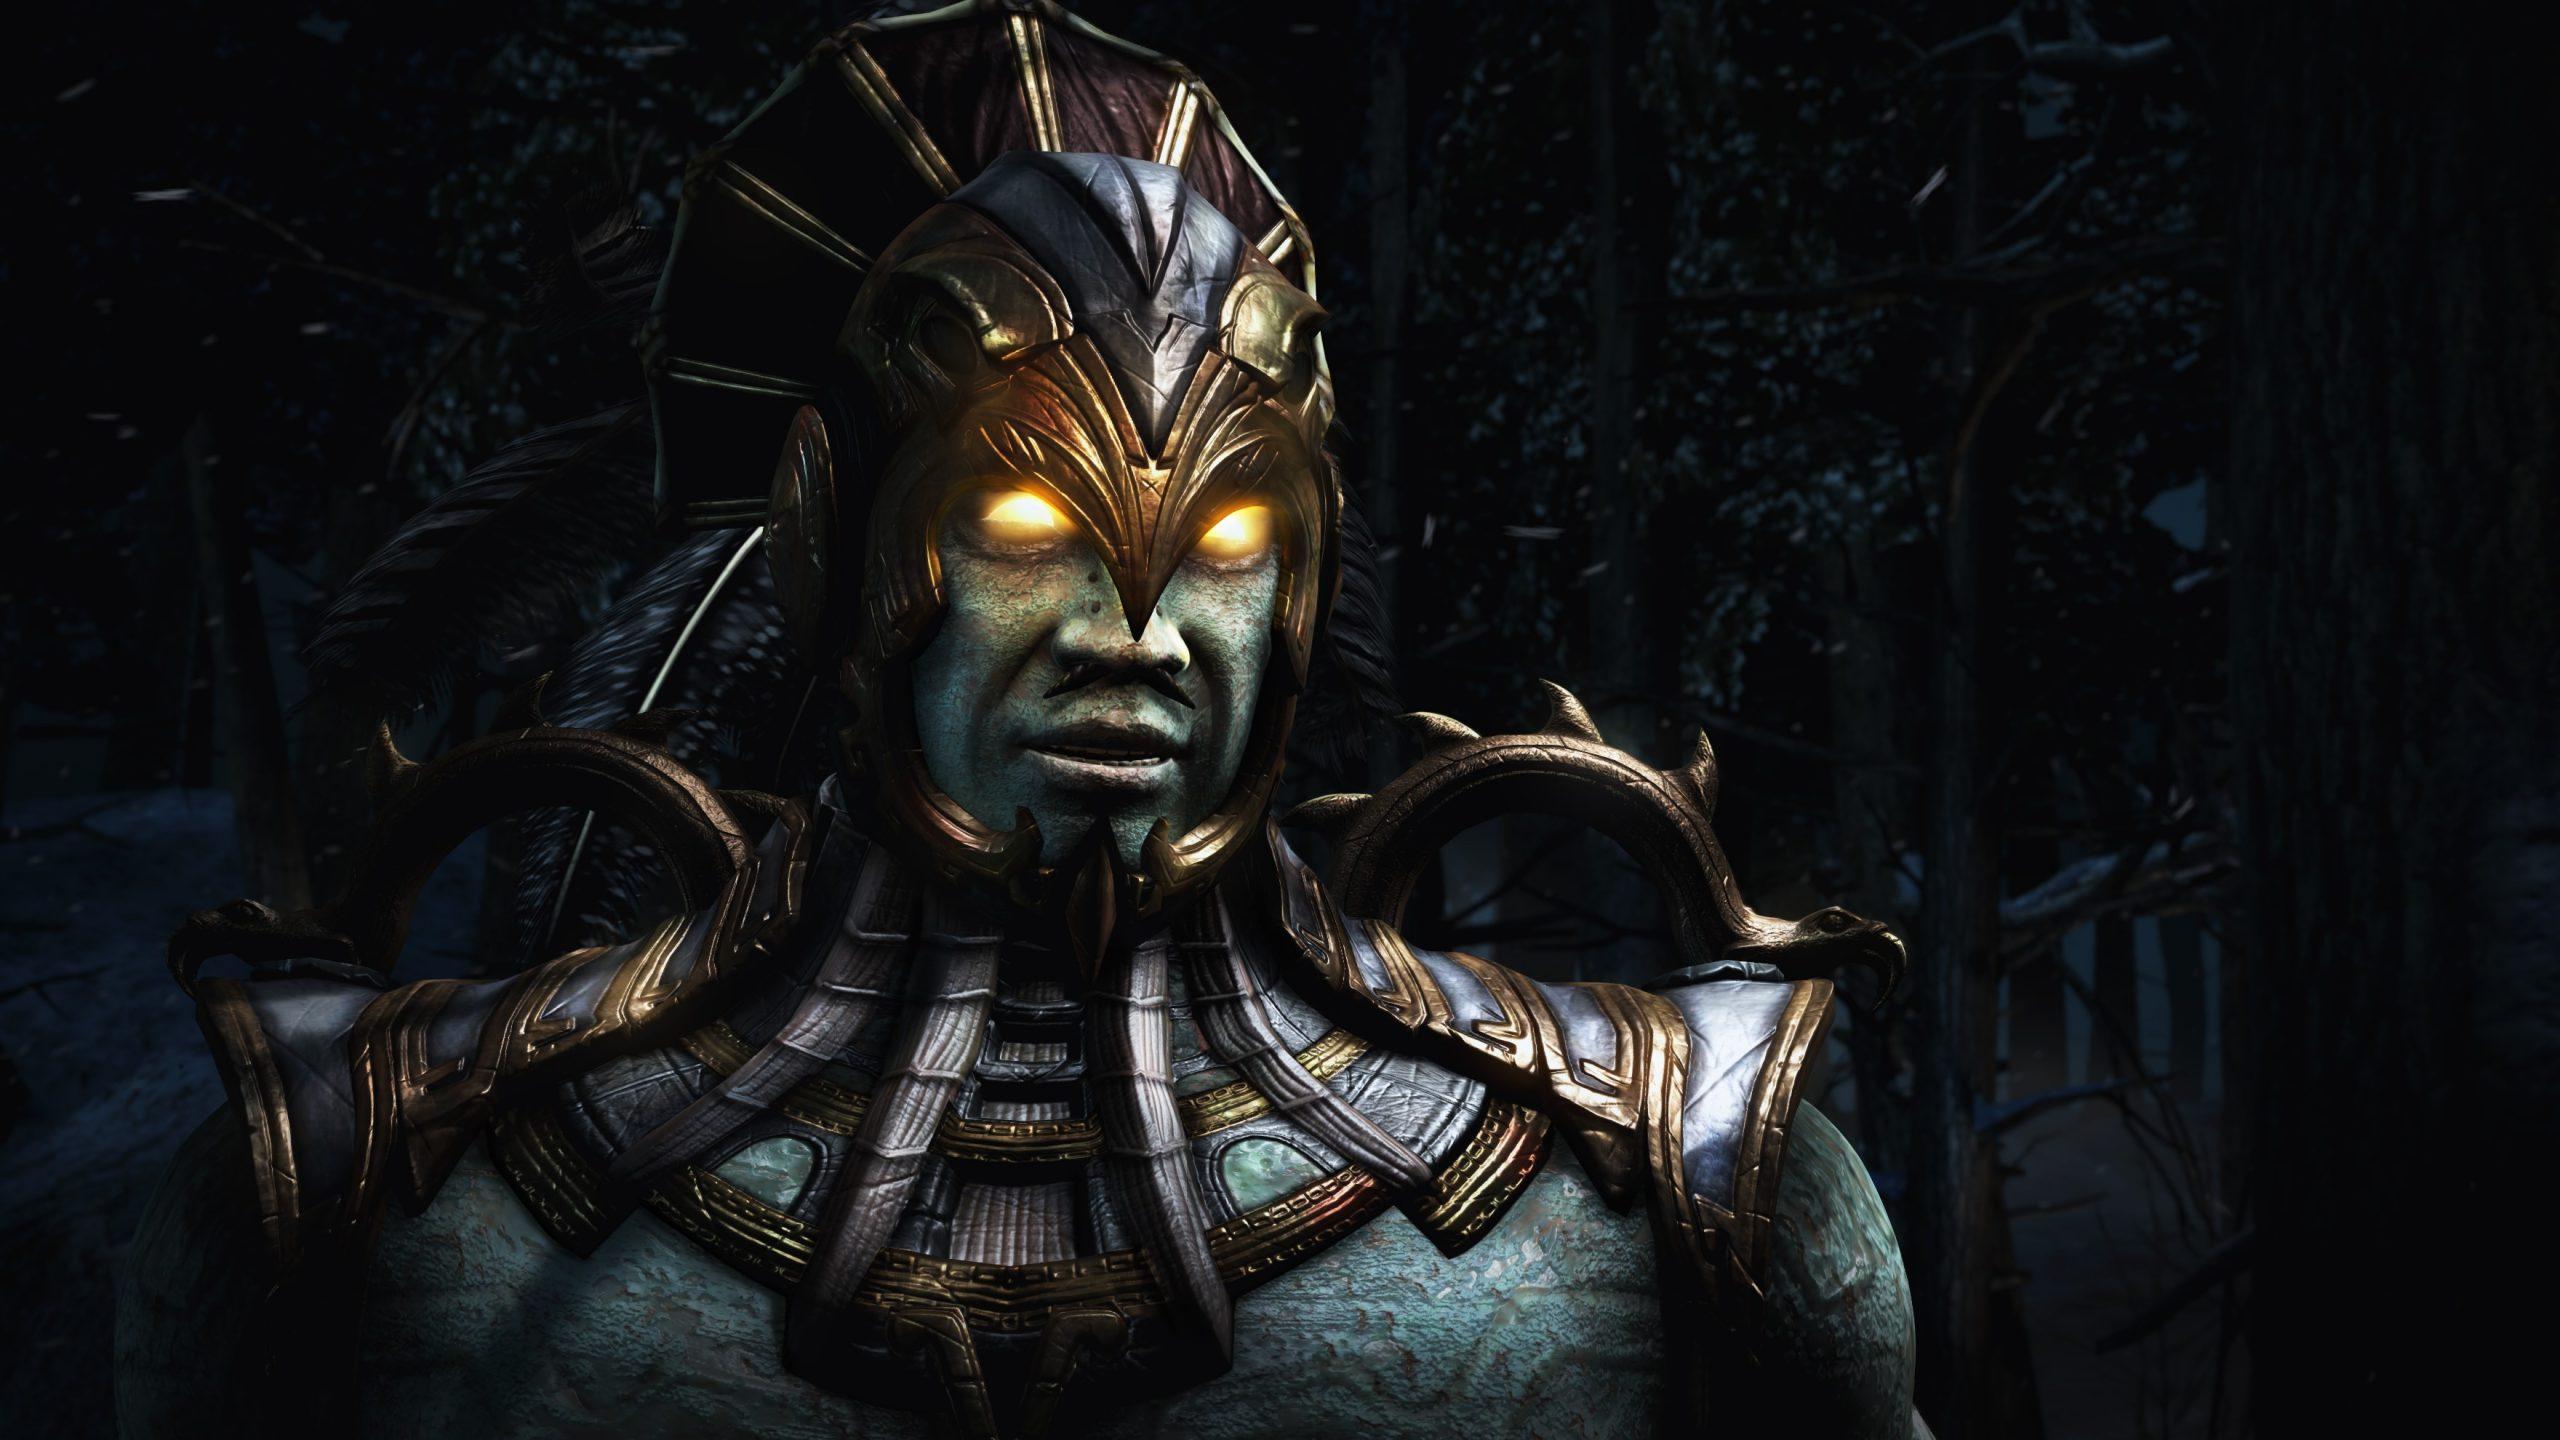 Mortal Kombat Photos